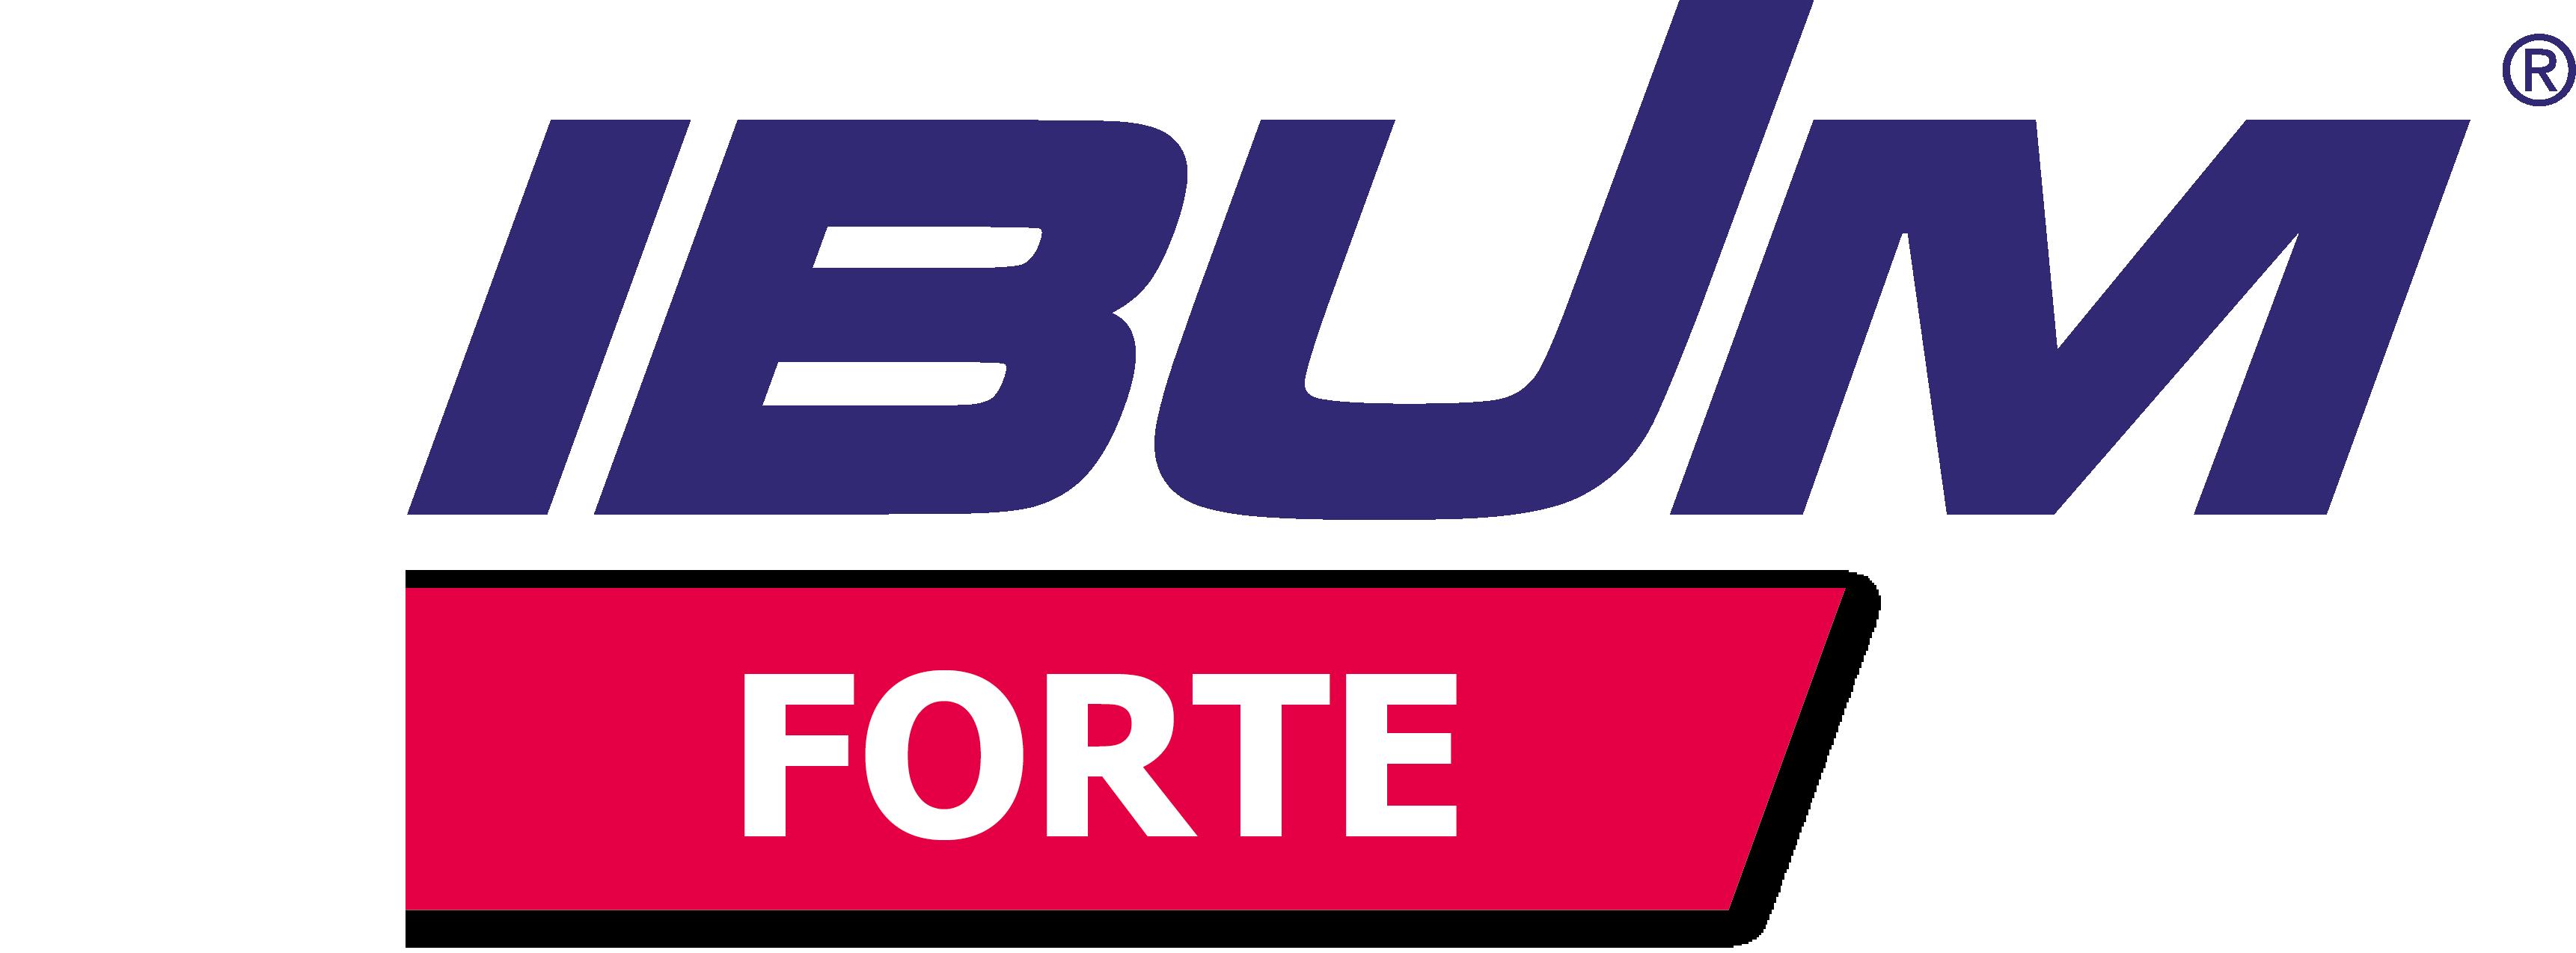 IBUM_Forte_logo_CMYKPNG